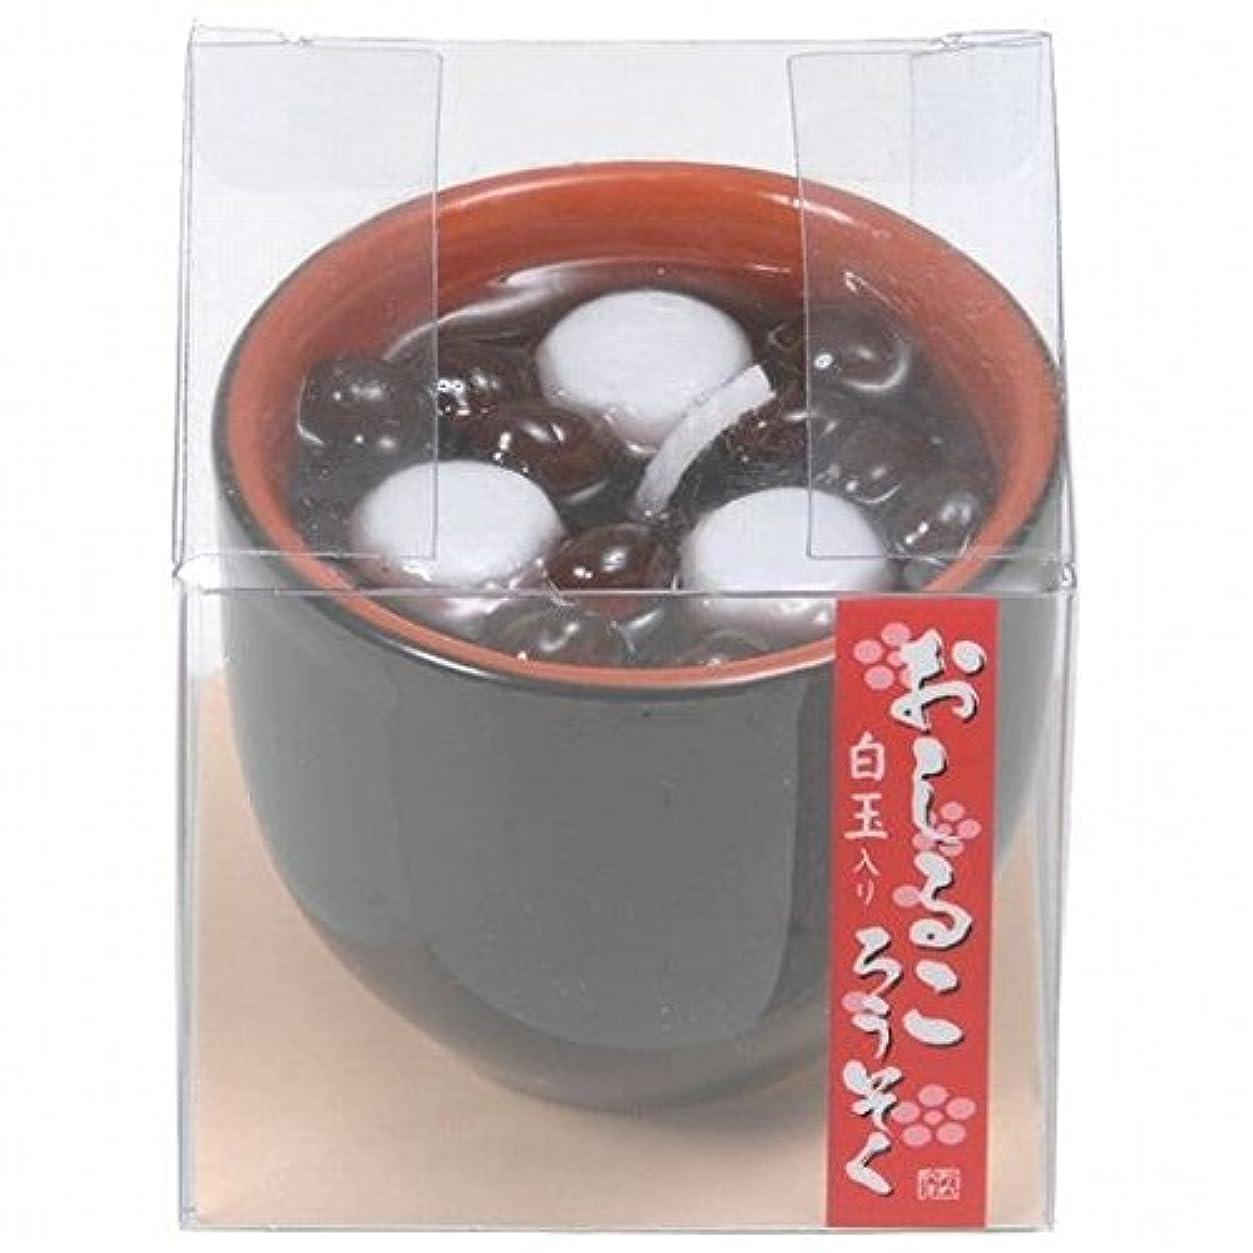 泳ぐ用心する航空kameyama candle(カメヤマキャンドル) おしるころうそく キャンドル(86440000)